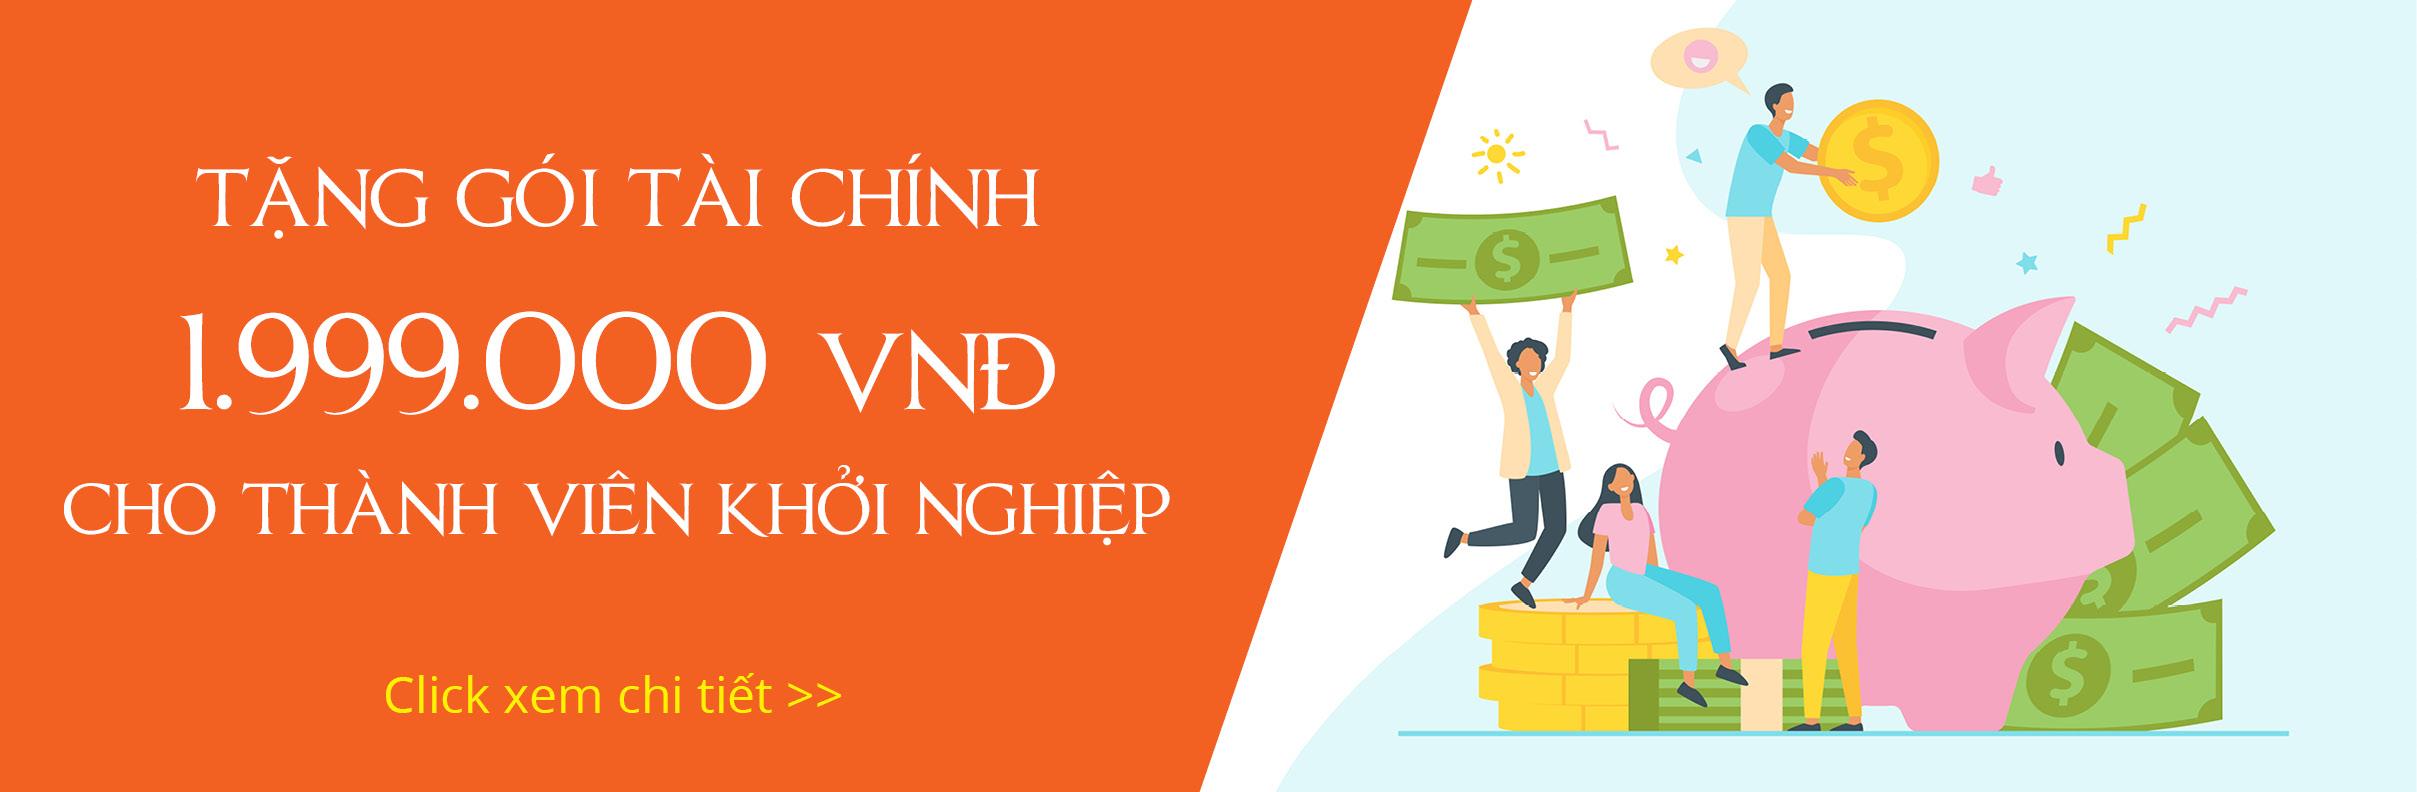 Chương trình tặng gói tài chính trị giá 1.999.000 vnđ cho thành viên